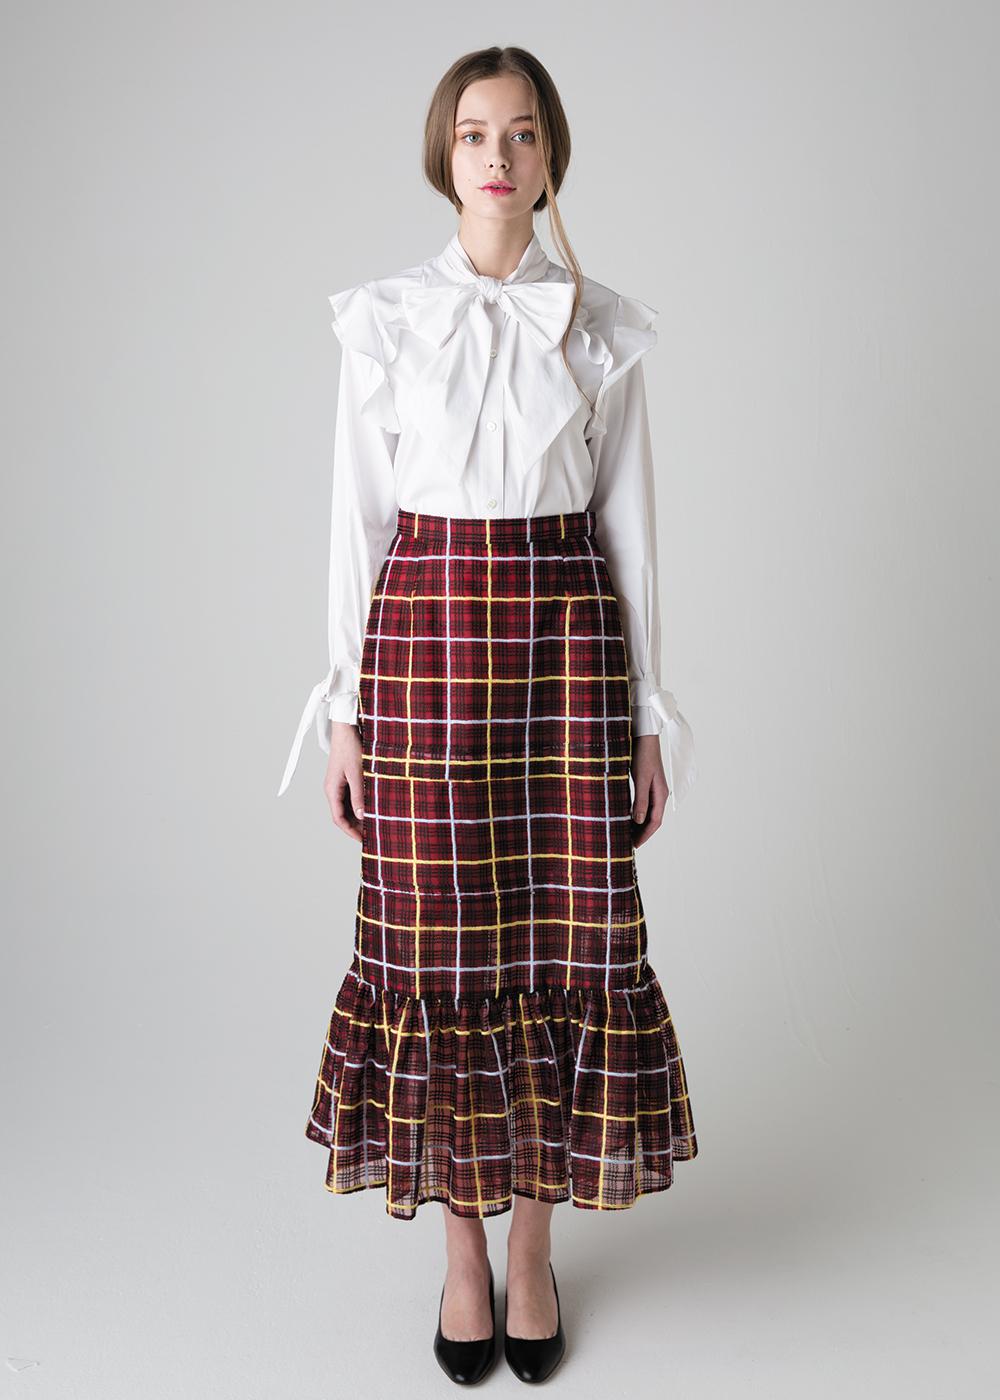 芸能人が林先生が驚く初耳学!で着用した衣装スカート、ブラウス